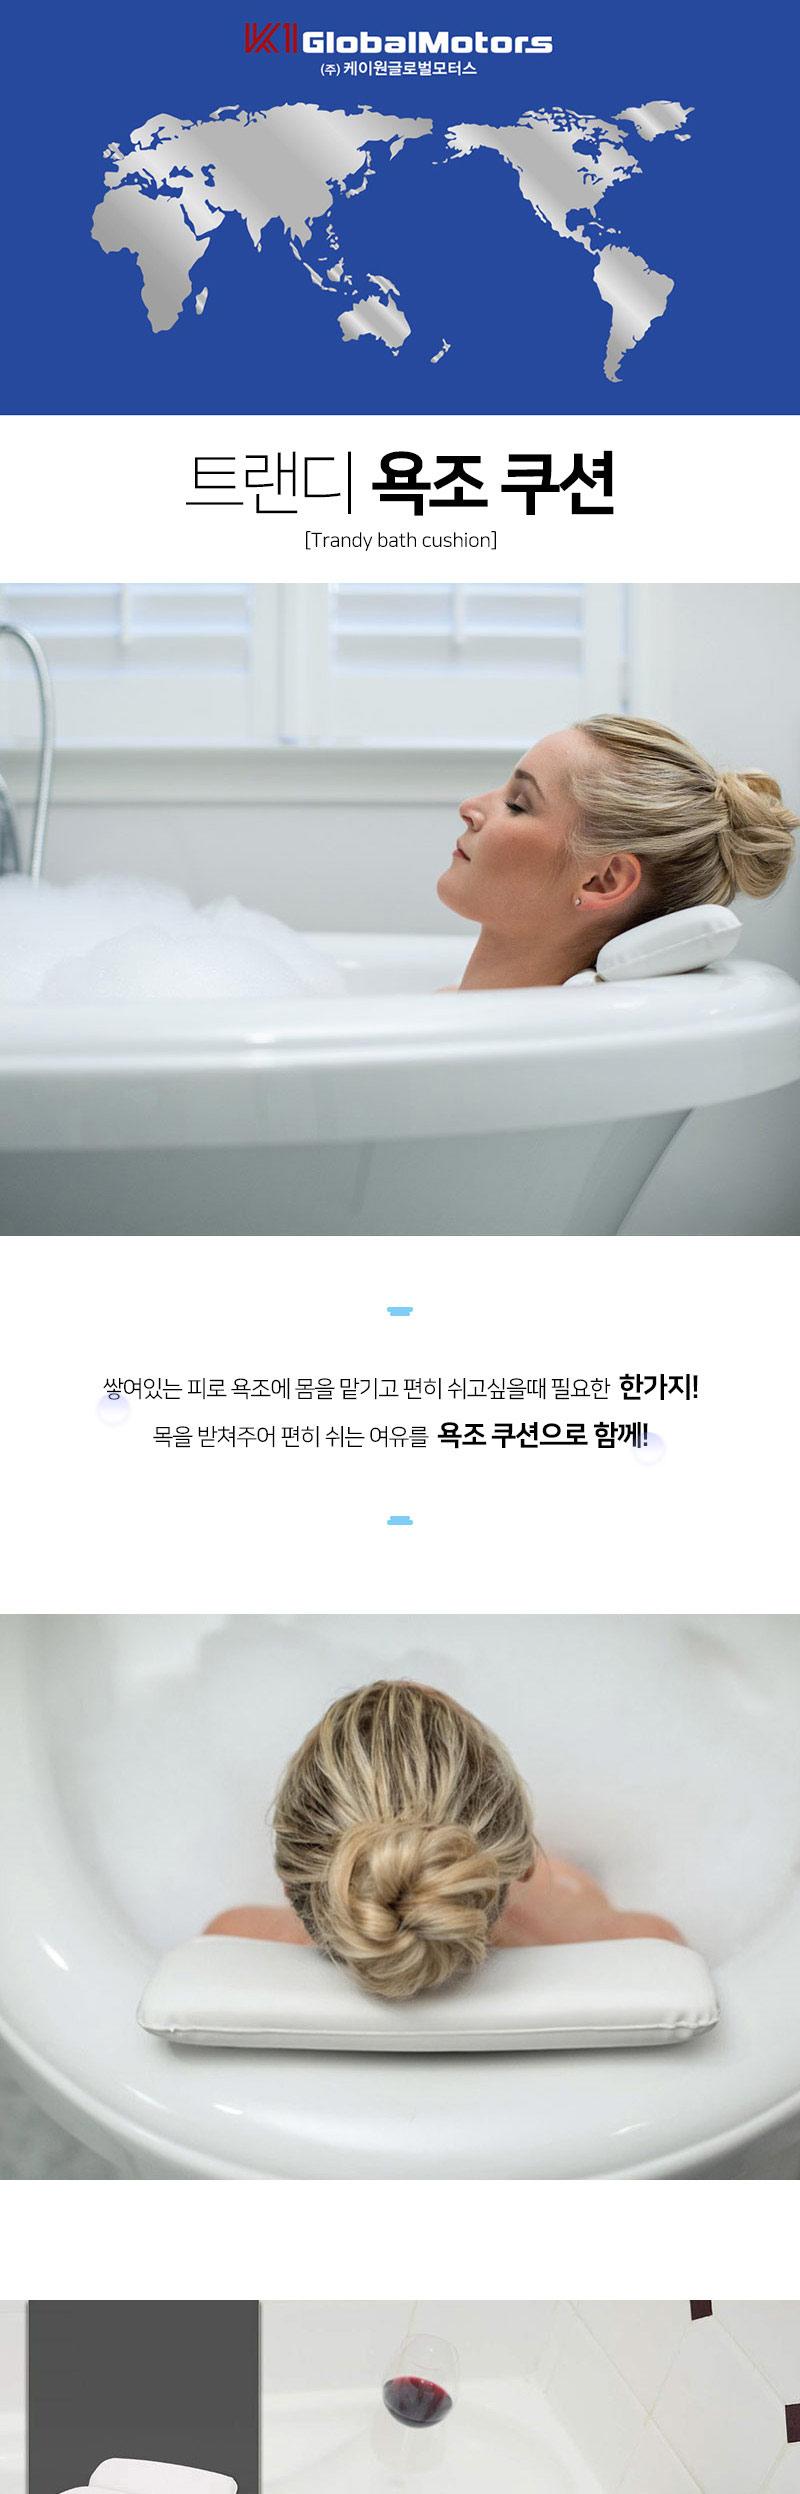 trandy_bath_cushion_01_152944.jpg